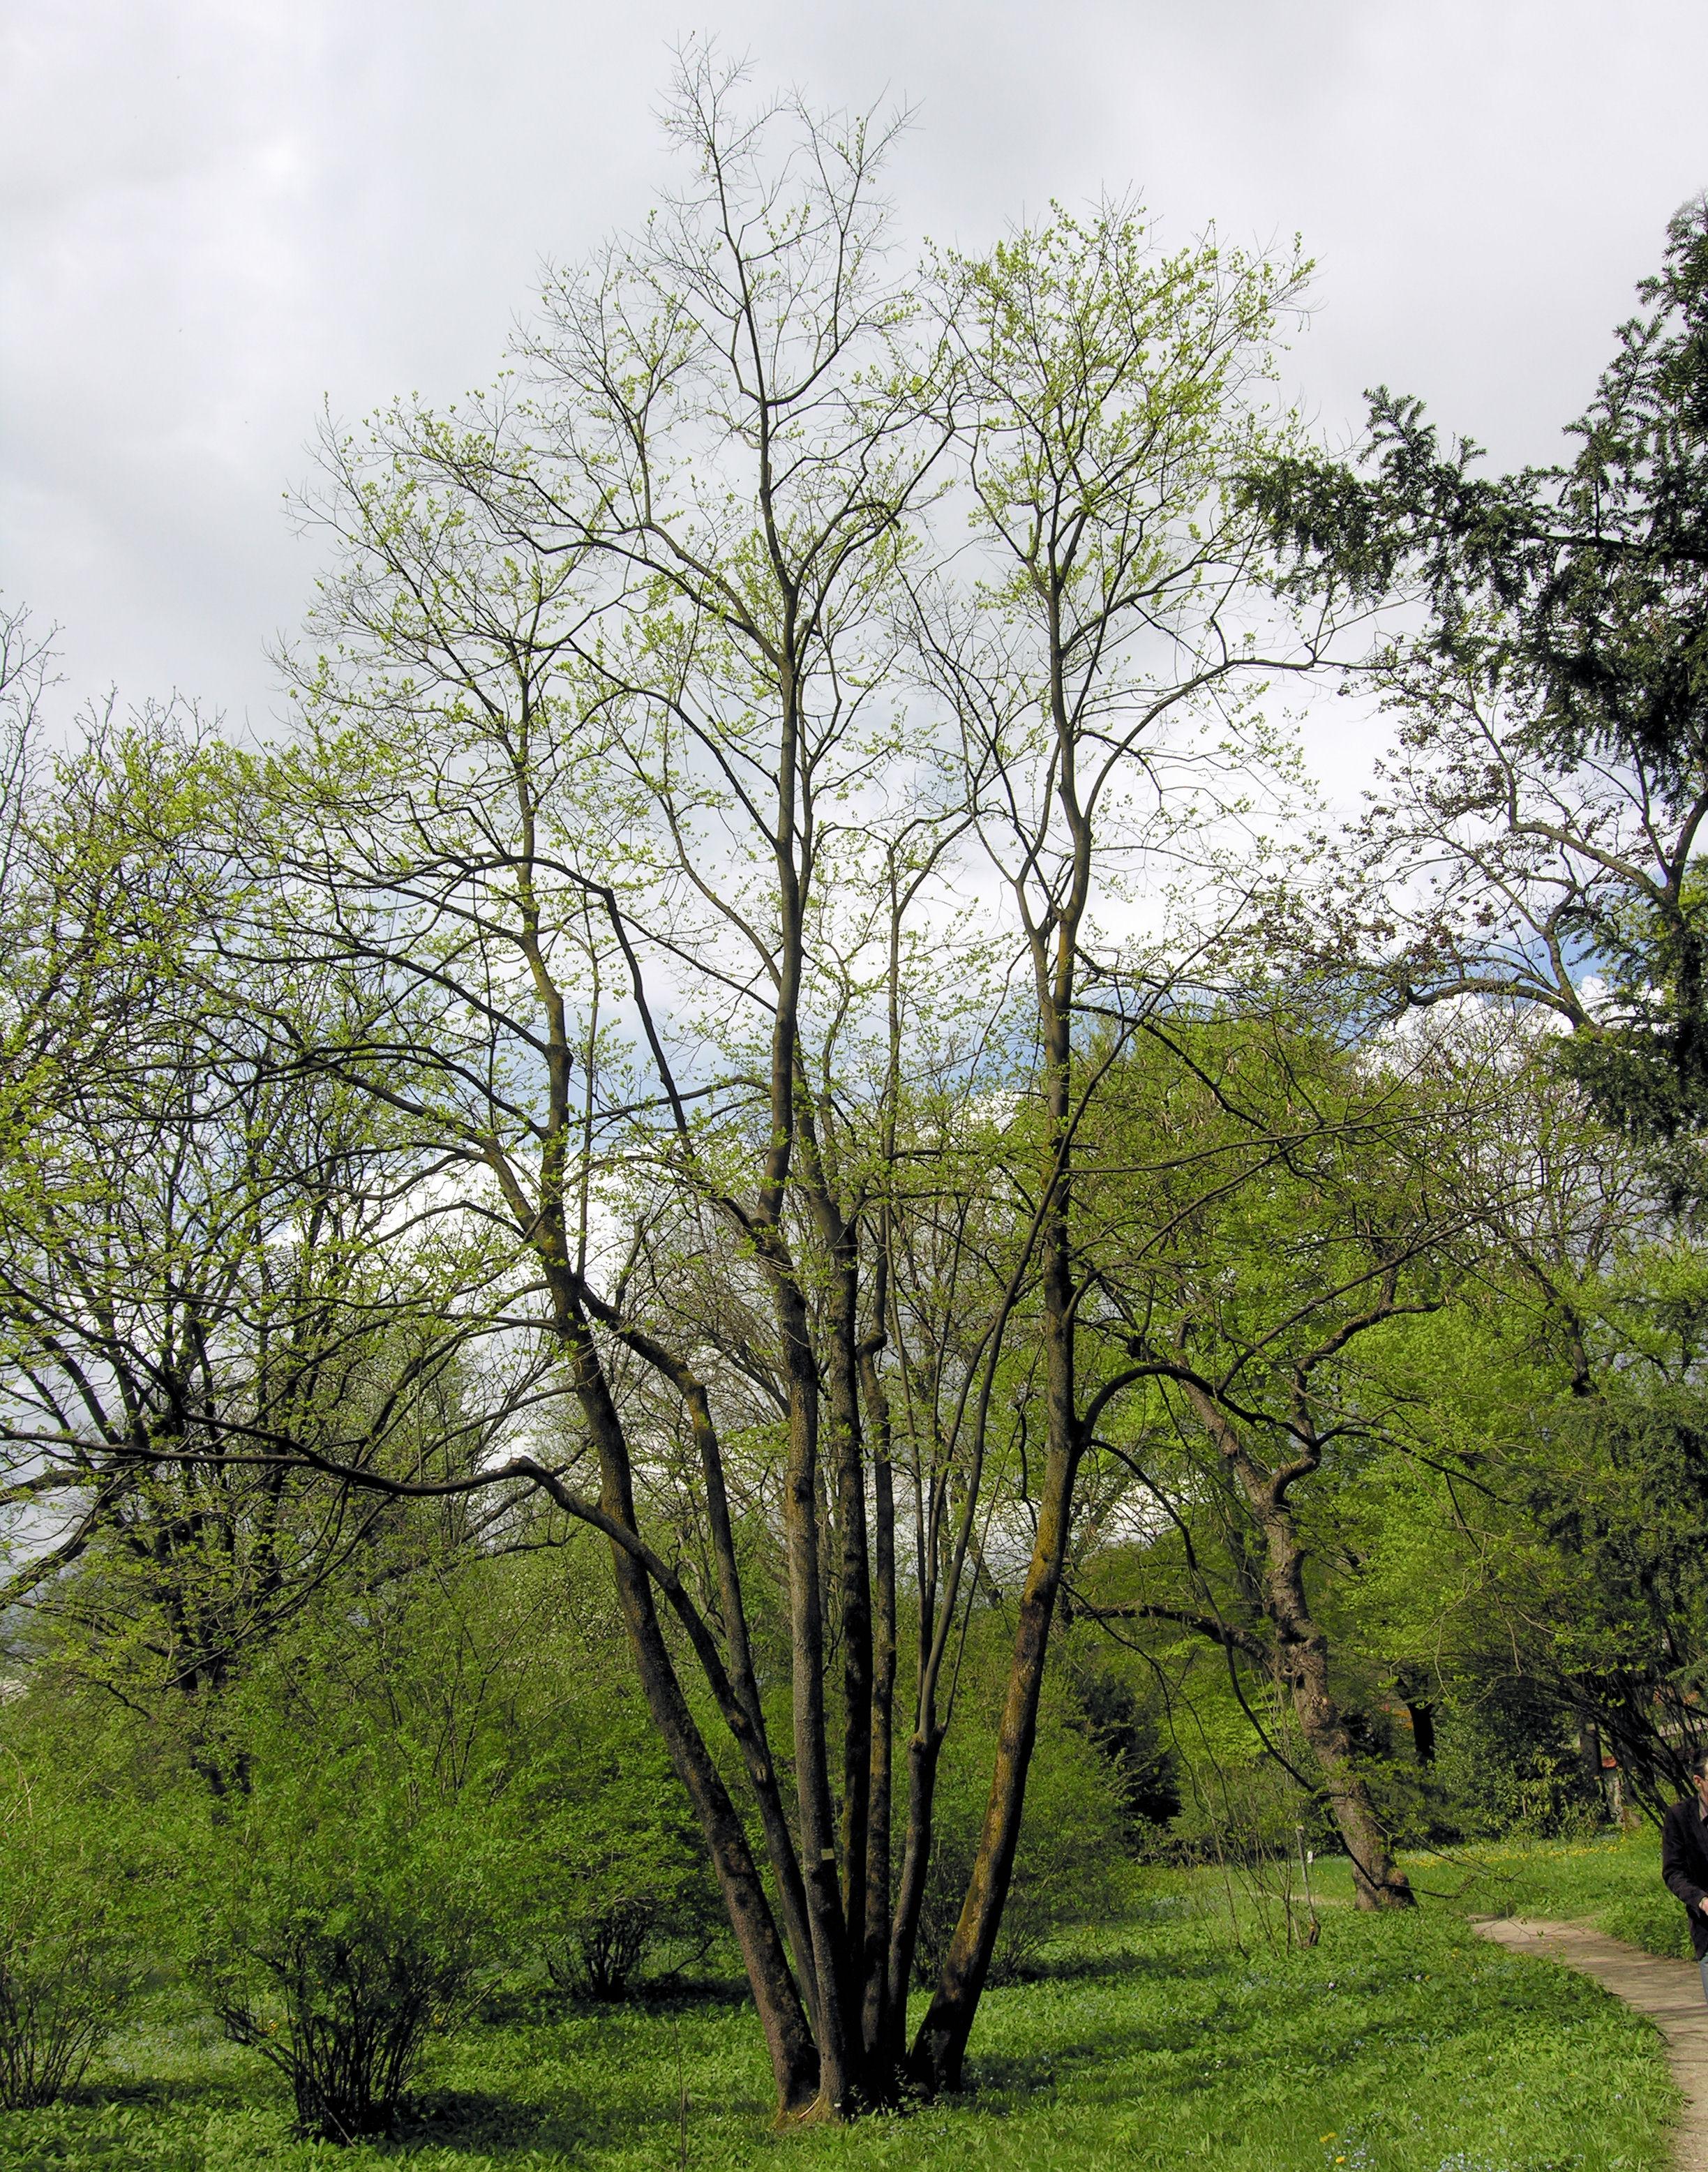 © Dipartimento di Scienze della Vita, Università degli Studi di Trieste<br>by Andrea Moro<br>Ljubljana Botanical Gardens, Slovenia, 18/04/2009<br>Distributed under CC-BY-SA 4.0 license.